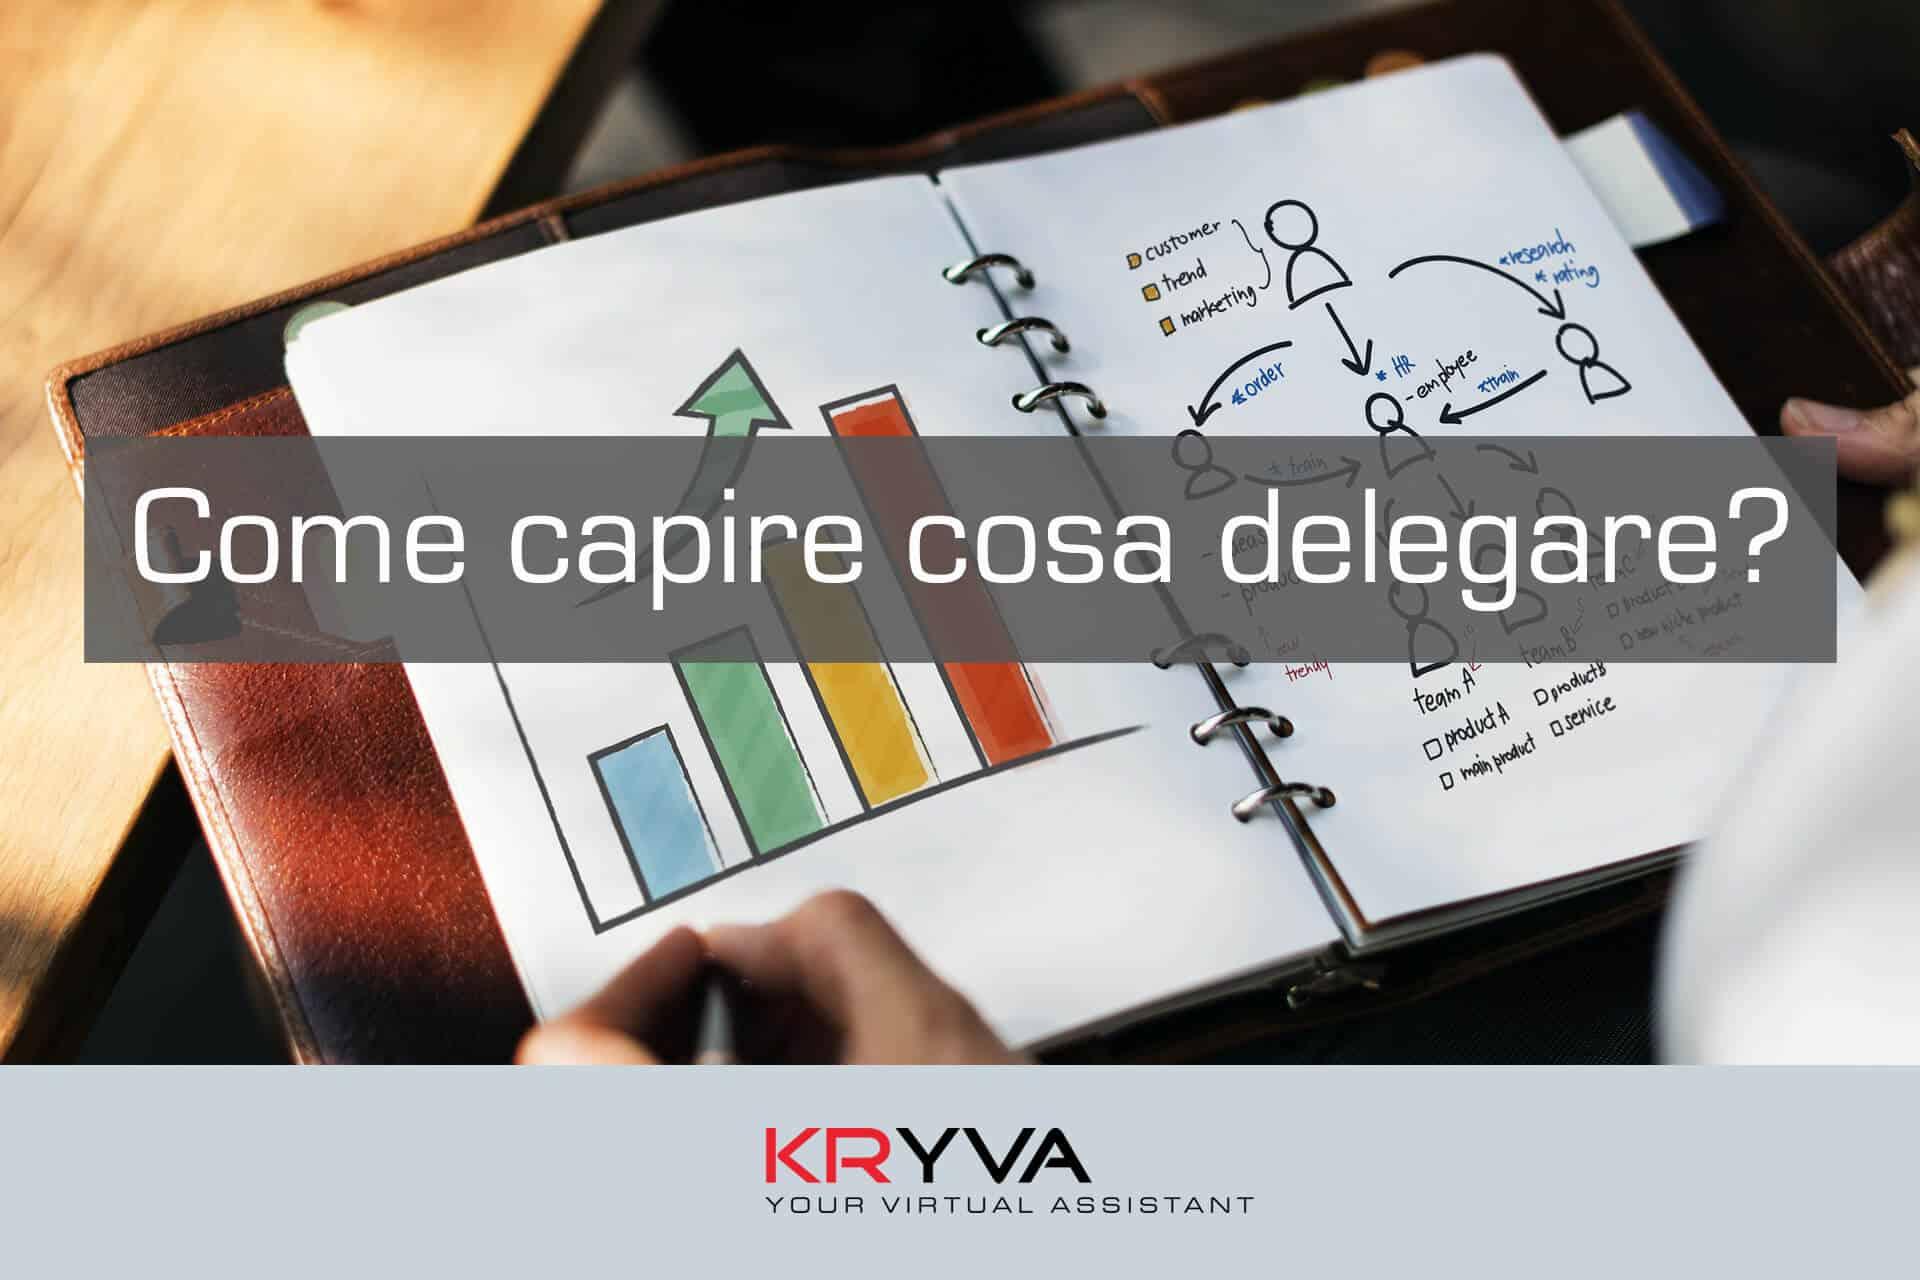 Come capire cosa delegare?